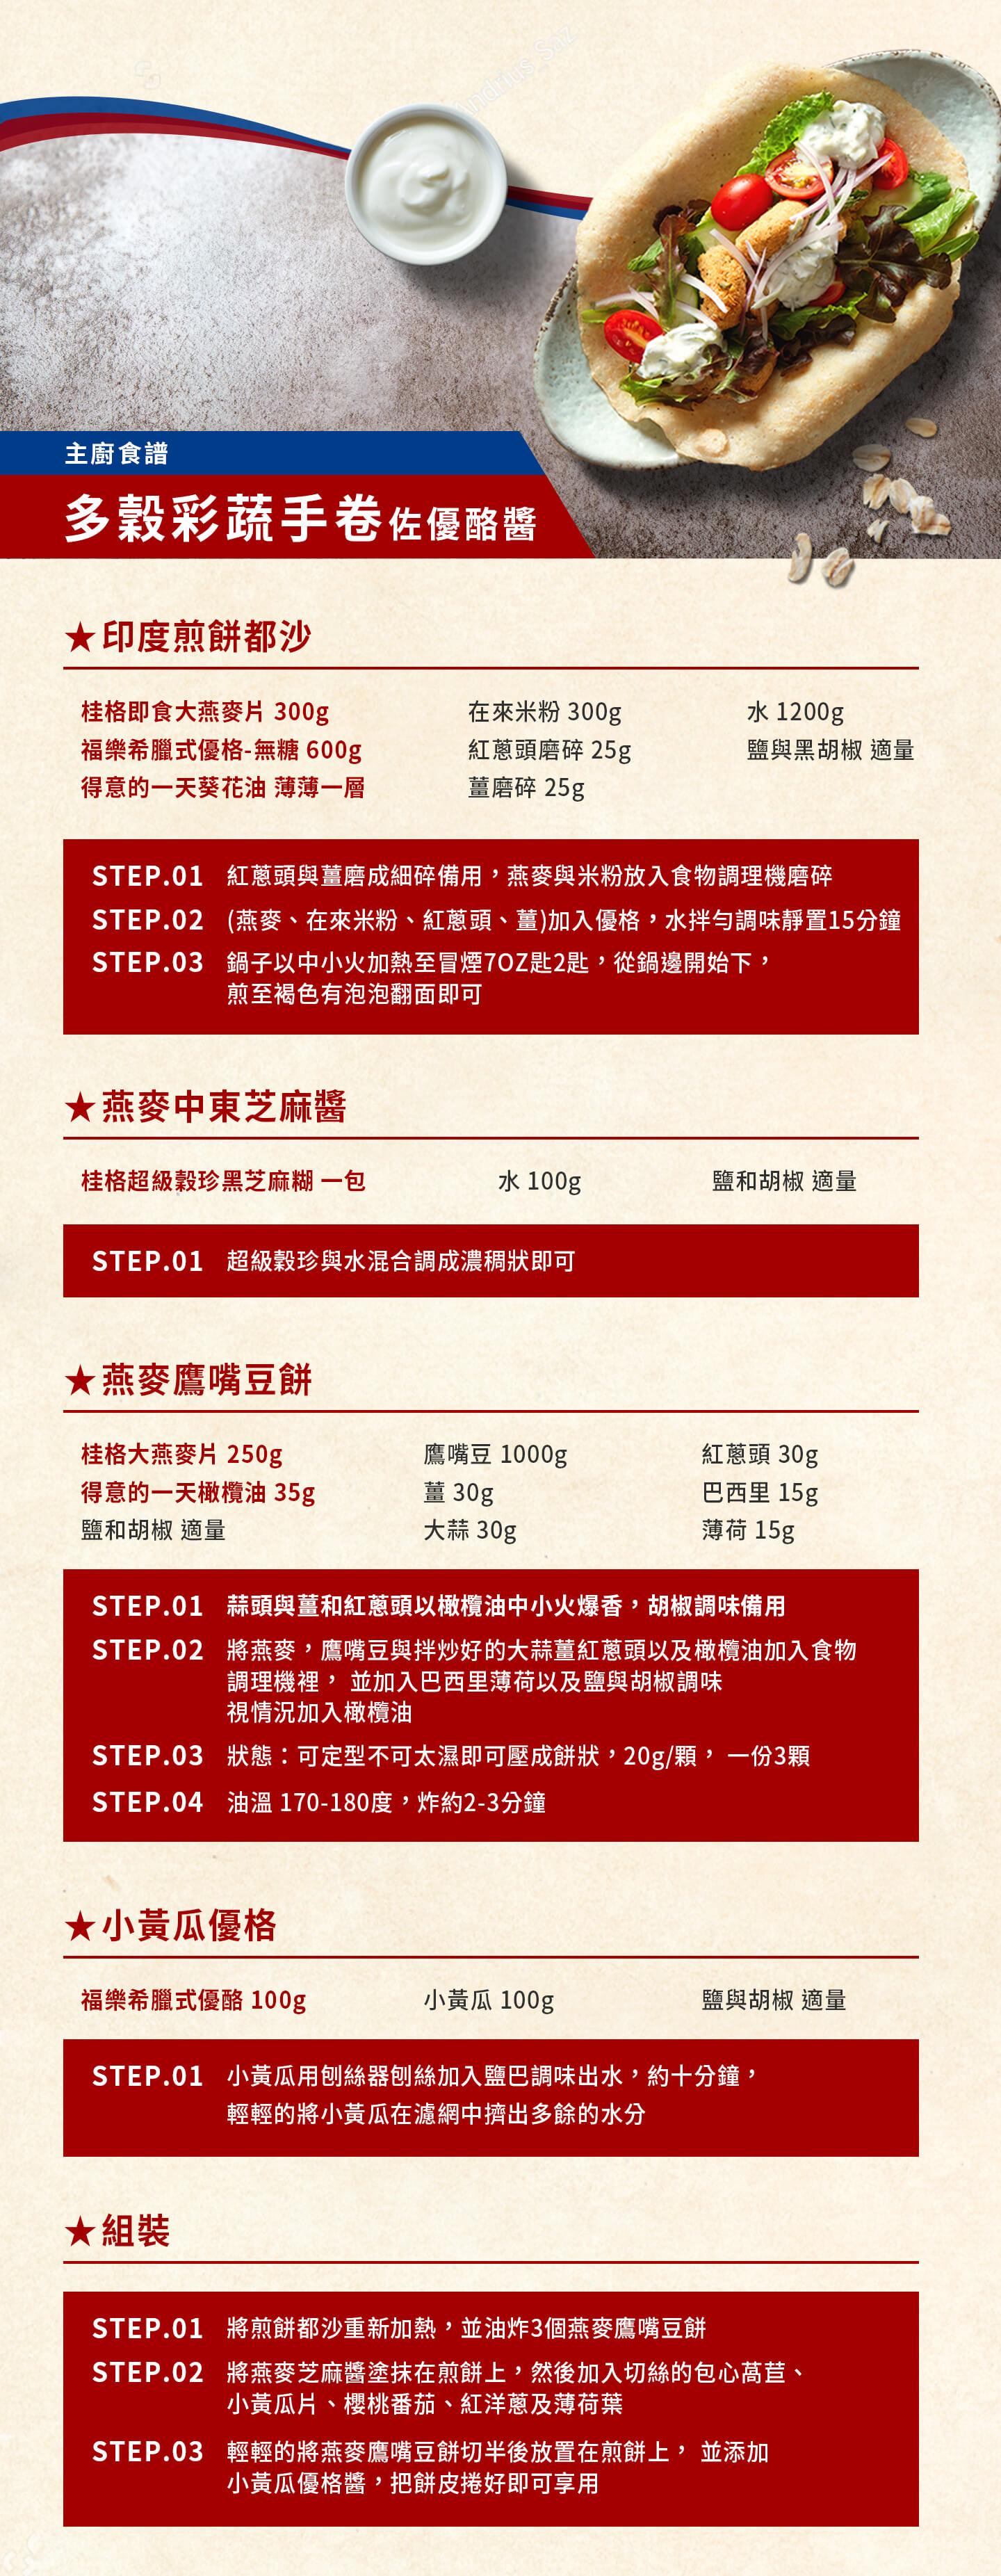 桂格,福樂,星級主廚健康食譜,多穀彩蔬手卷佐優酪醬,劉世揚